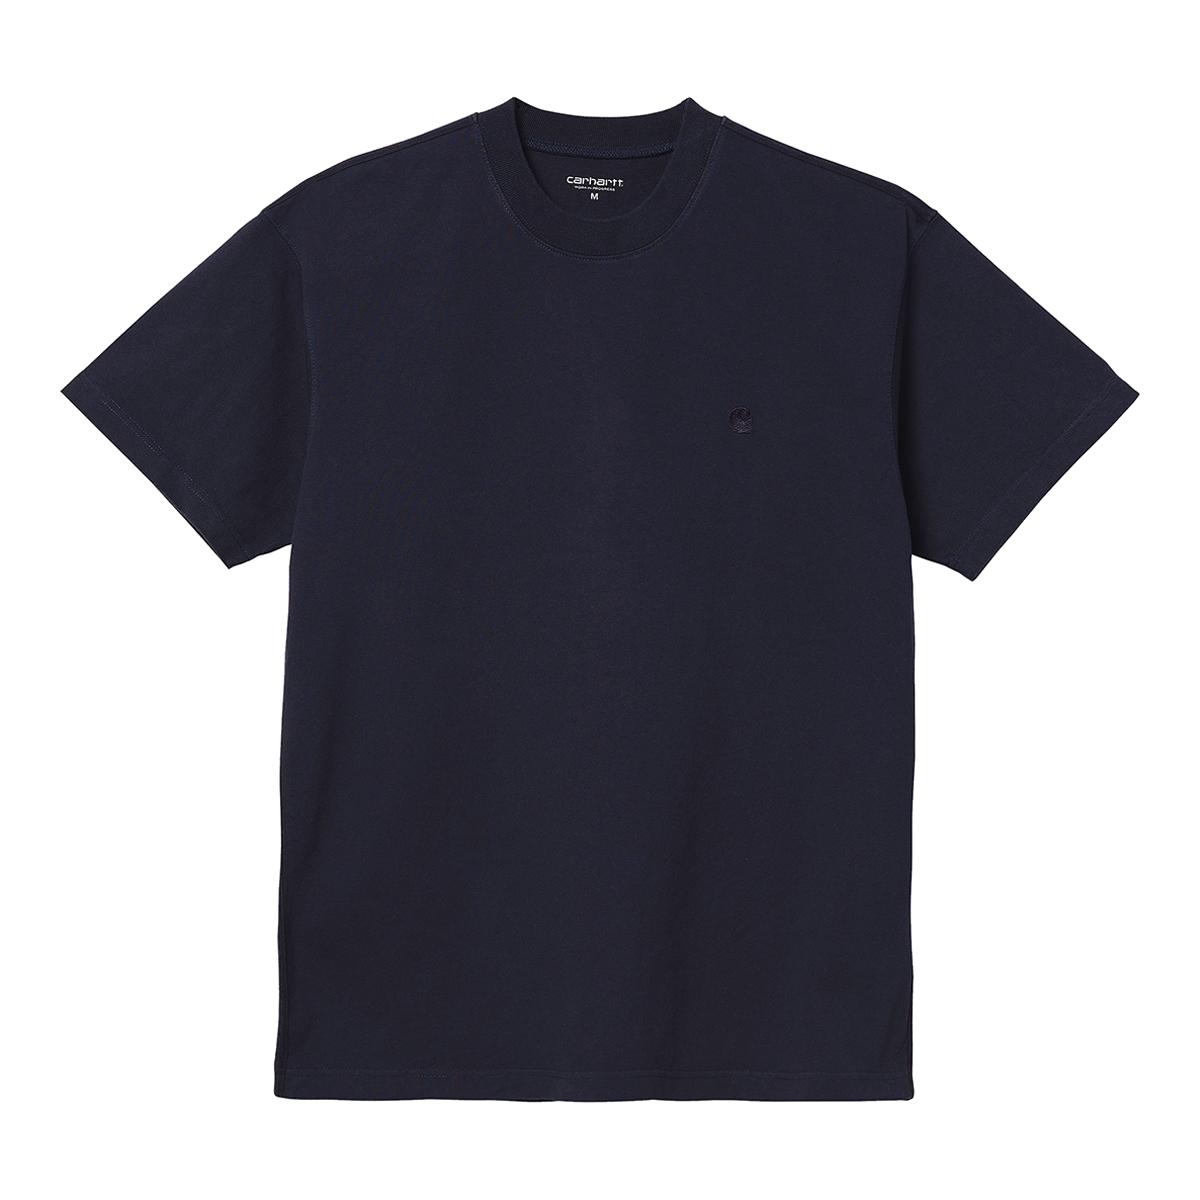 S/S Sedona T-Shirt